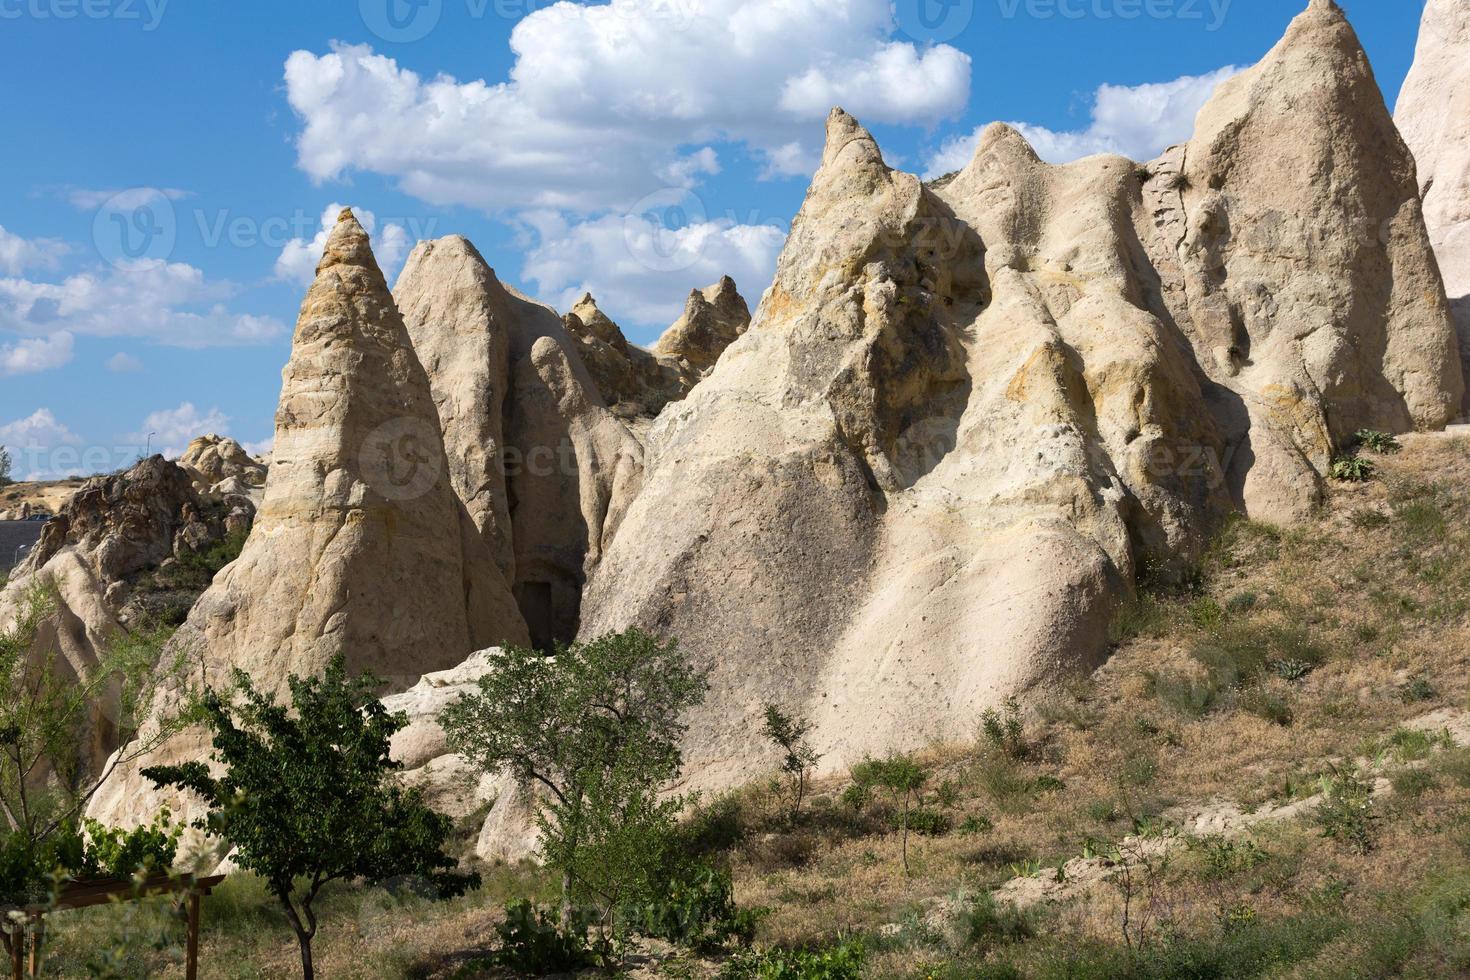 formaciones rocosas en el parque nacional de goreme. foto